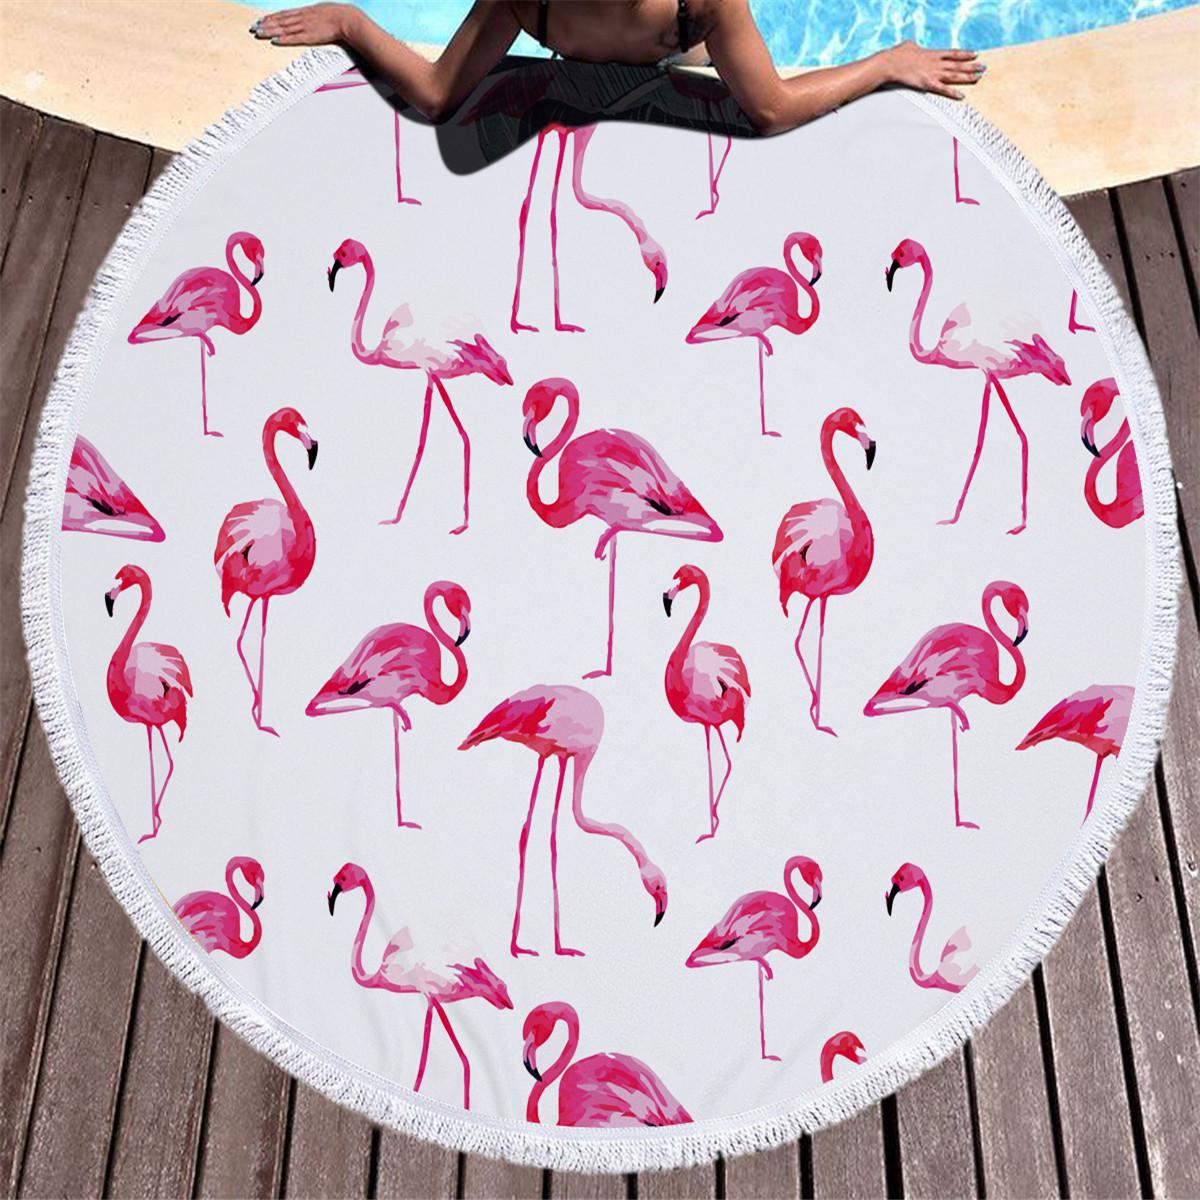 Пляжный коврик. Розовый Фламинго